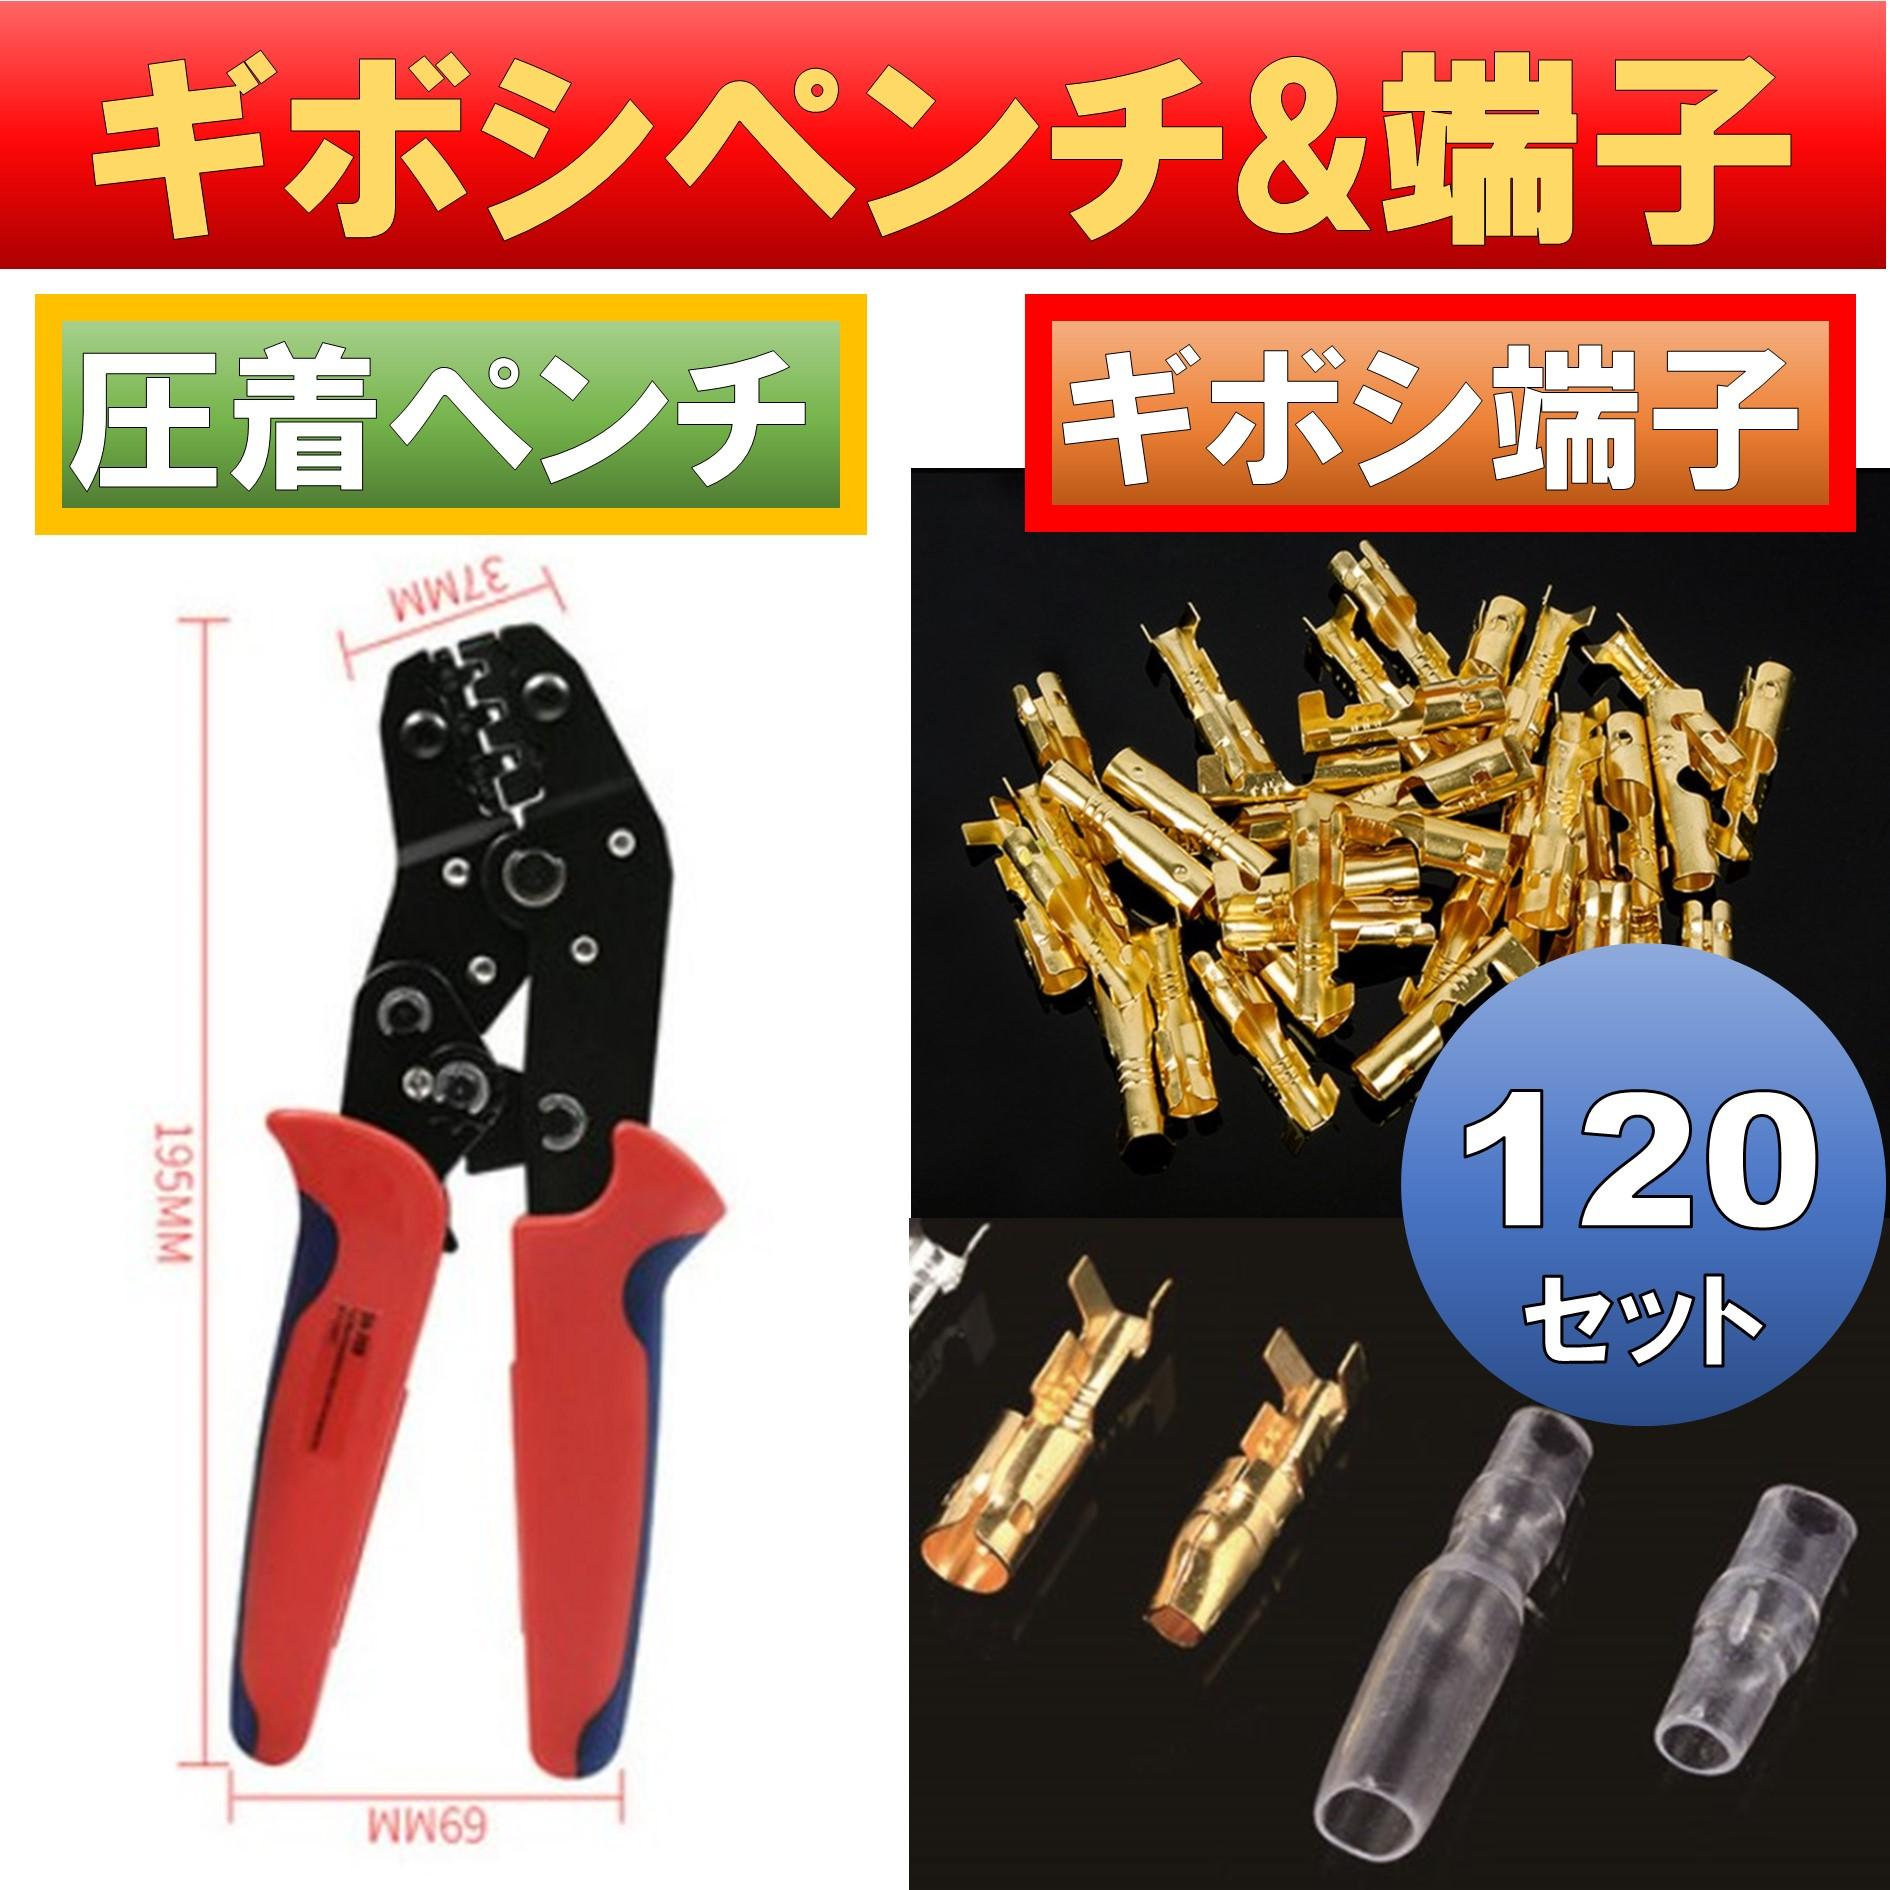 ギボシ専用圧着ペンチ 金メッキ 高い素材 ギボシ 端子 各120個 スリーブ お得 計480個入